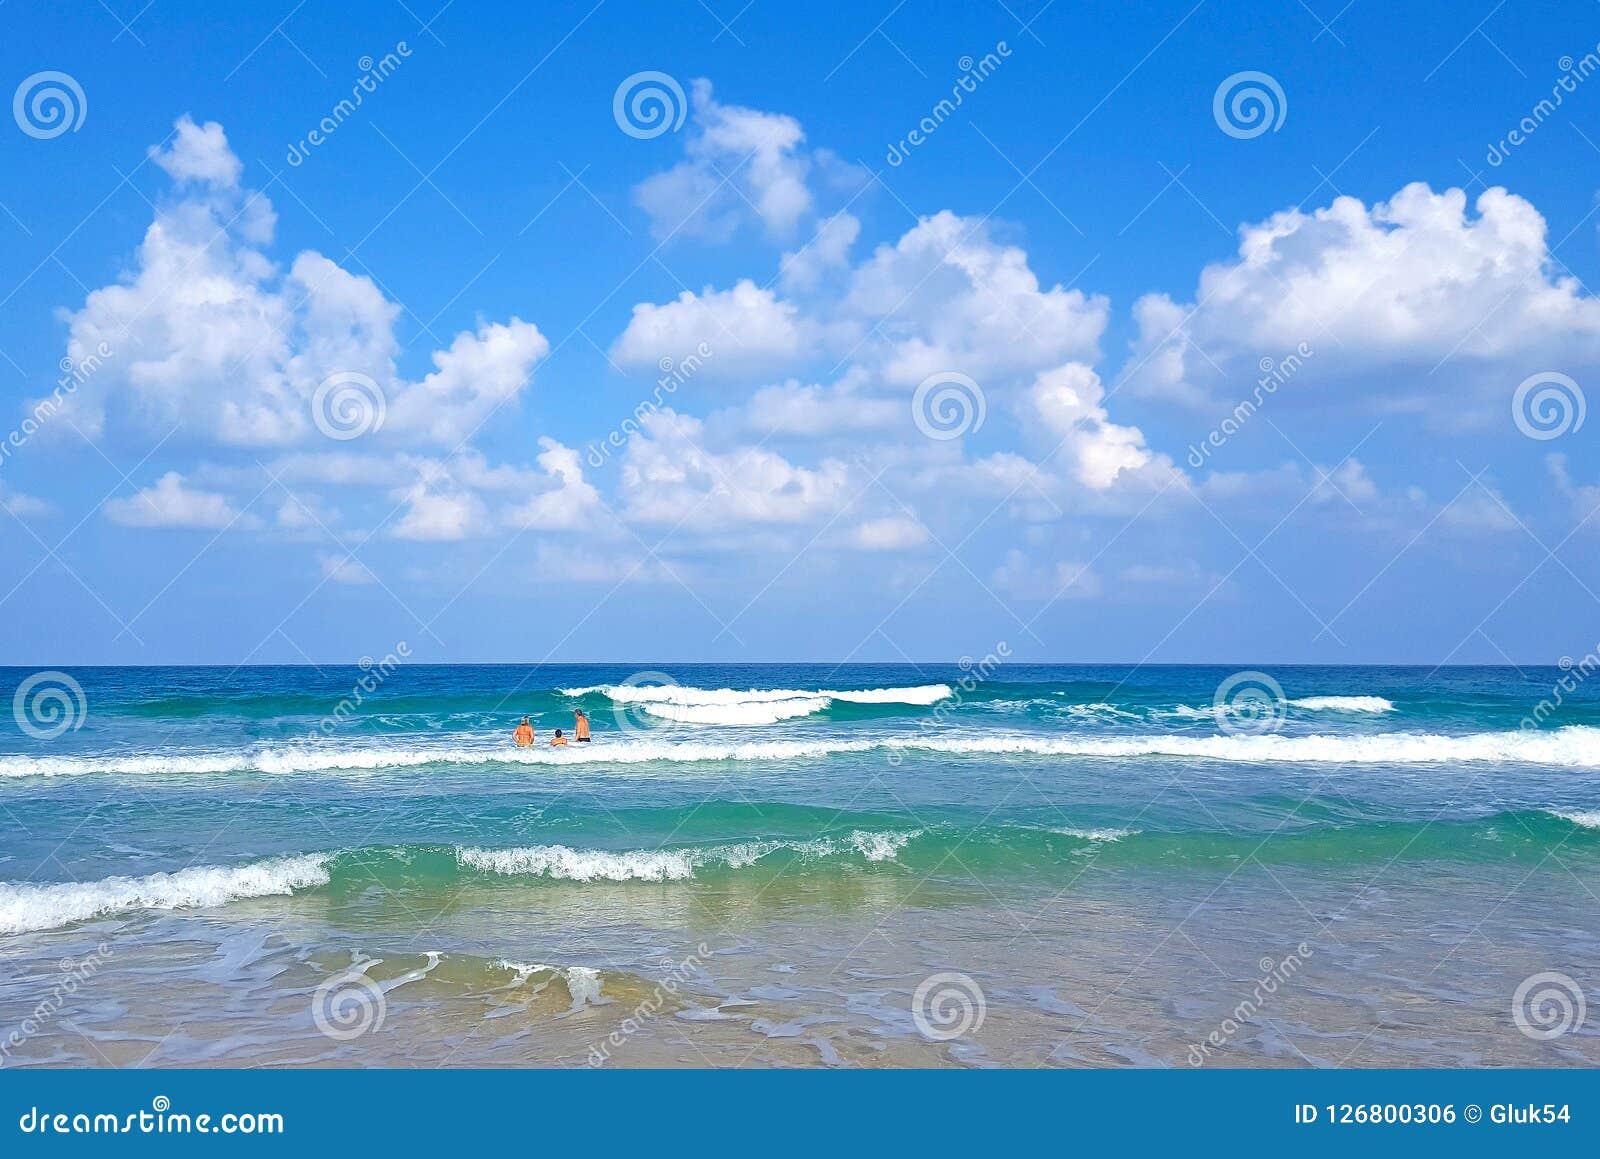 Letnicy kąpać i pływają w fala morze śródziemnomorskie